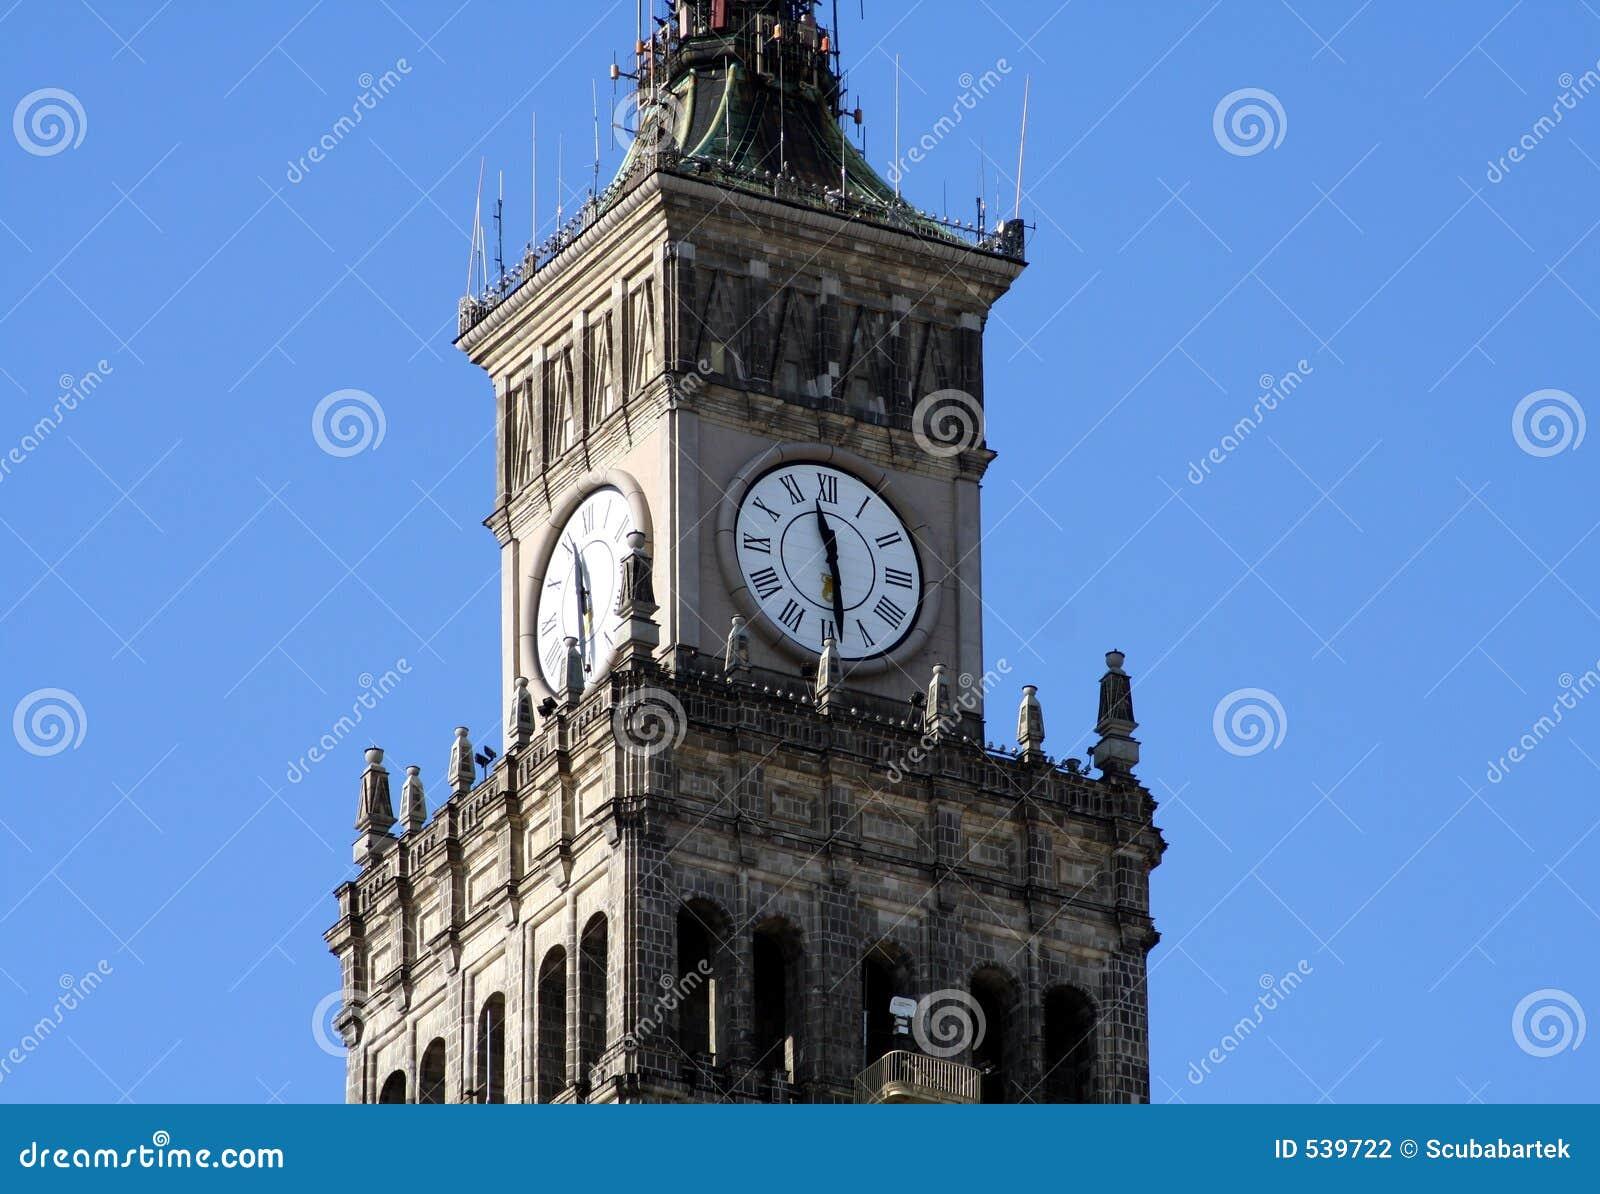 Download 3钟塔华沙 库存照片. 图片 包括有 地标, 古典, 时钟, 宫殿, 华沙, 摩天大楼, 文化, 拱道, 石头 - 539722